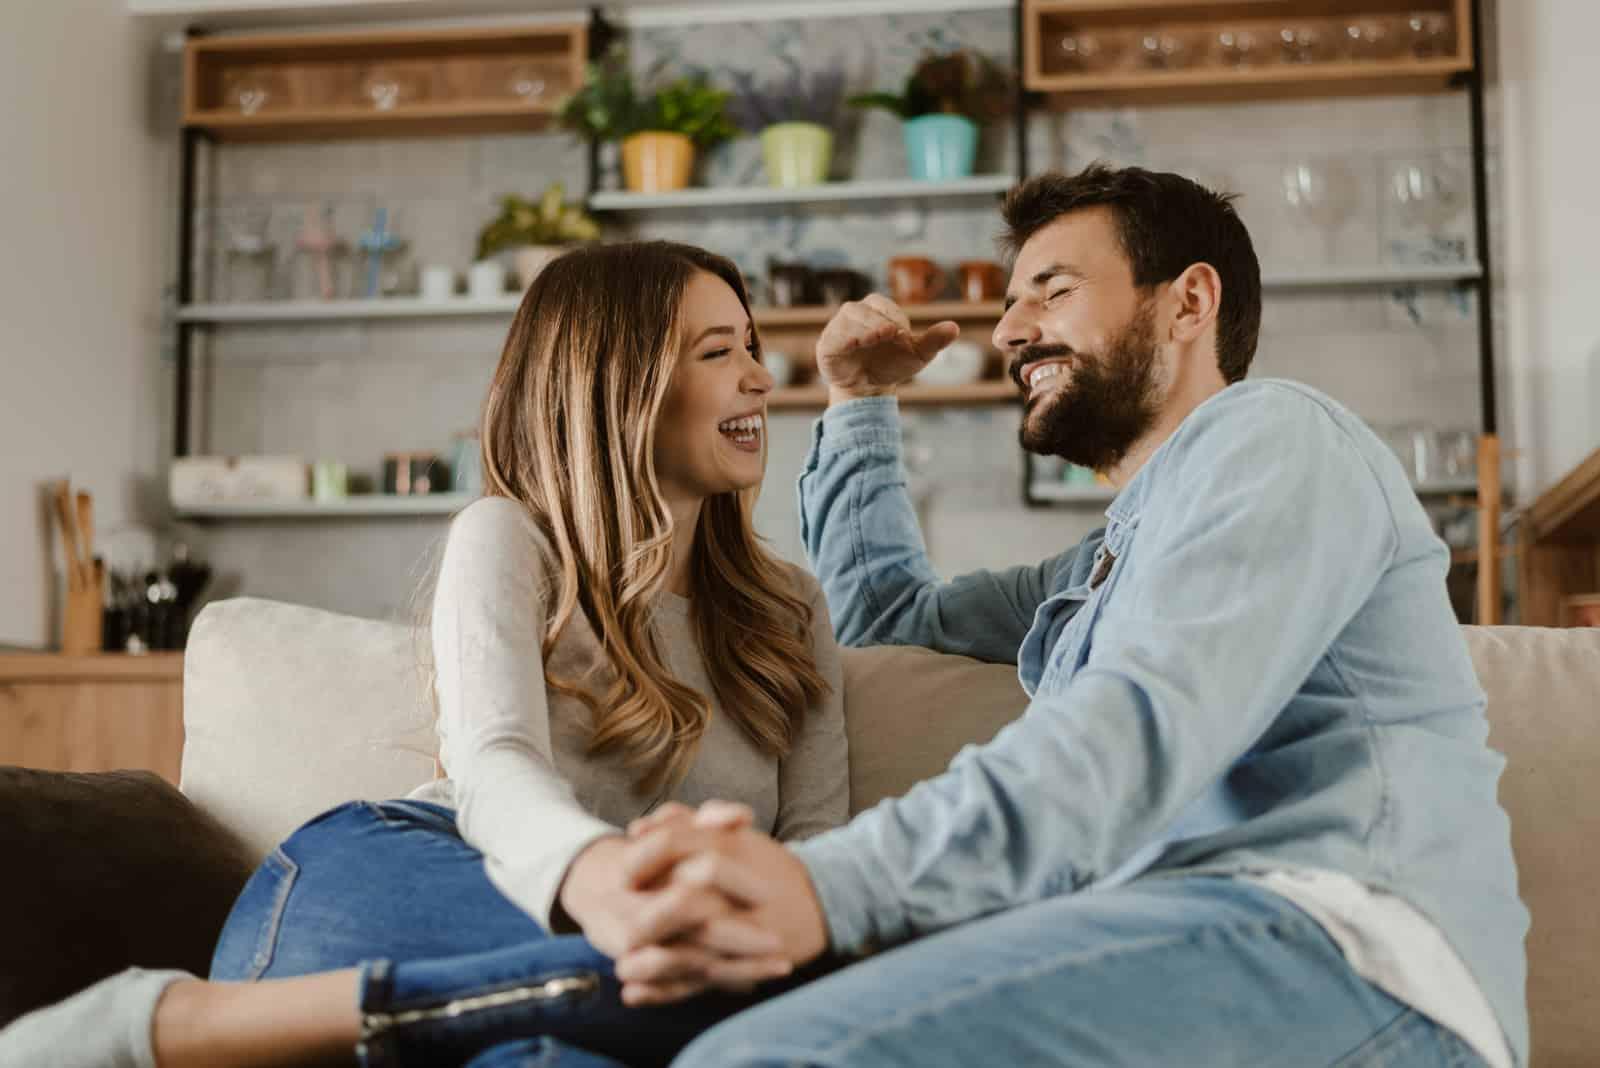 Ein Mann und eine Frau halten sich an den Händen, während sie auf der Couch sitzen und lachen und reden